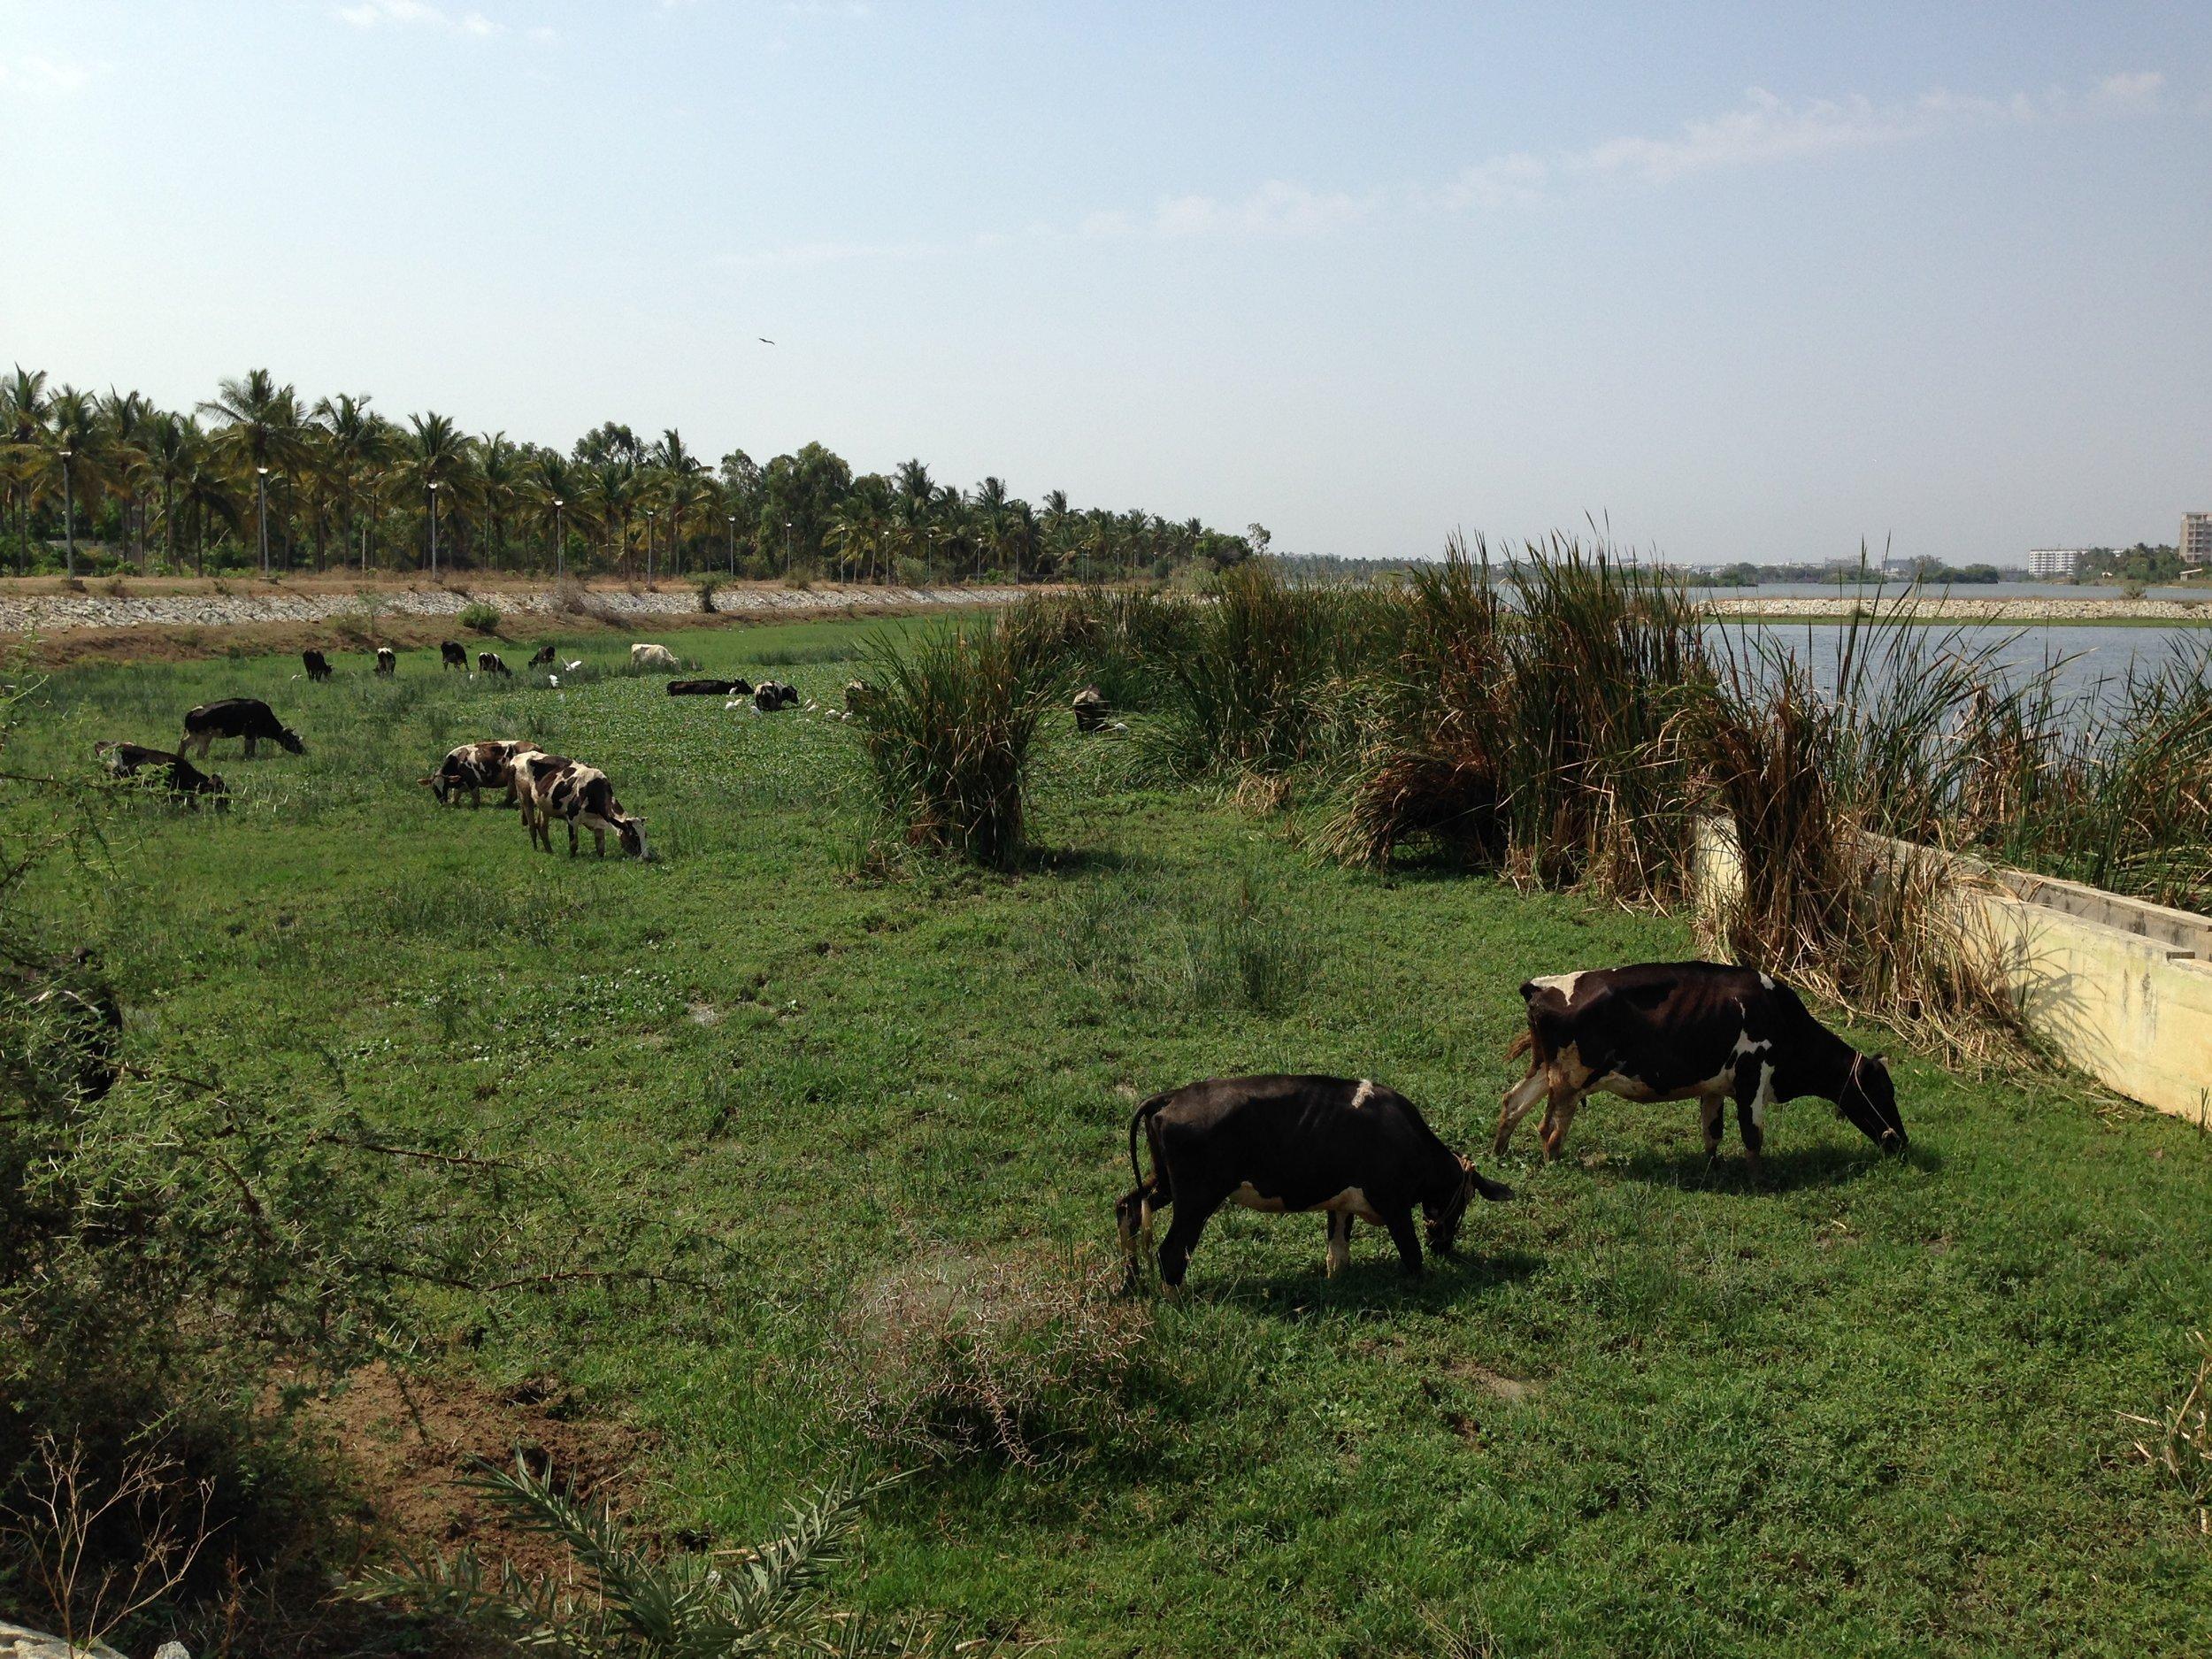 Cows grazing by Jakkur Lake in Bangalore.